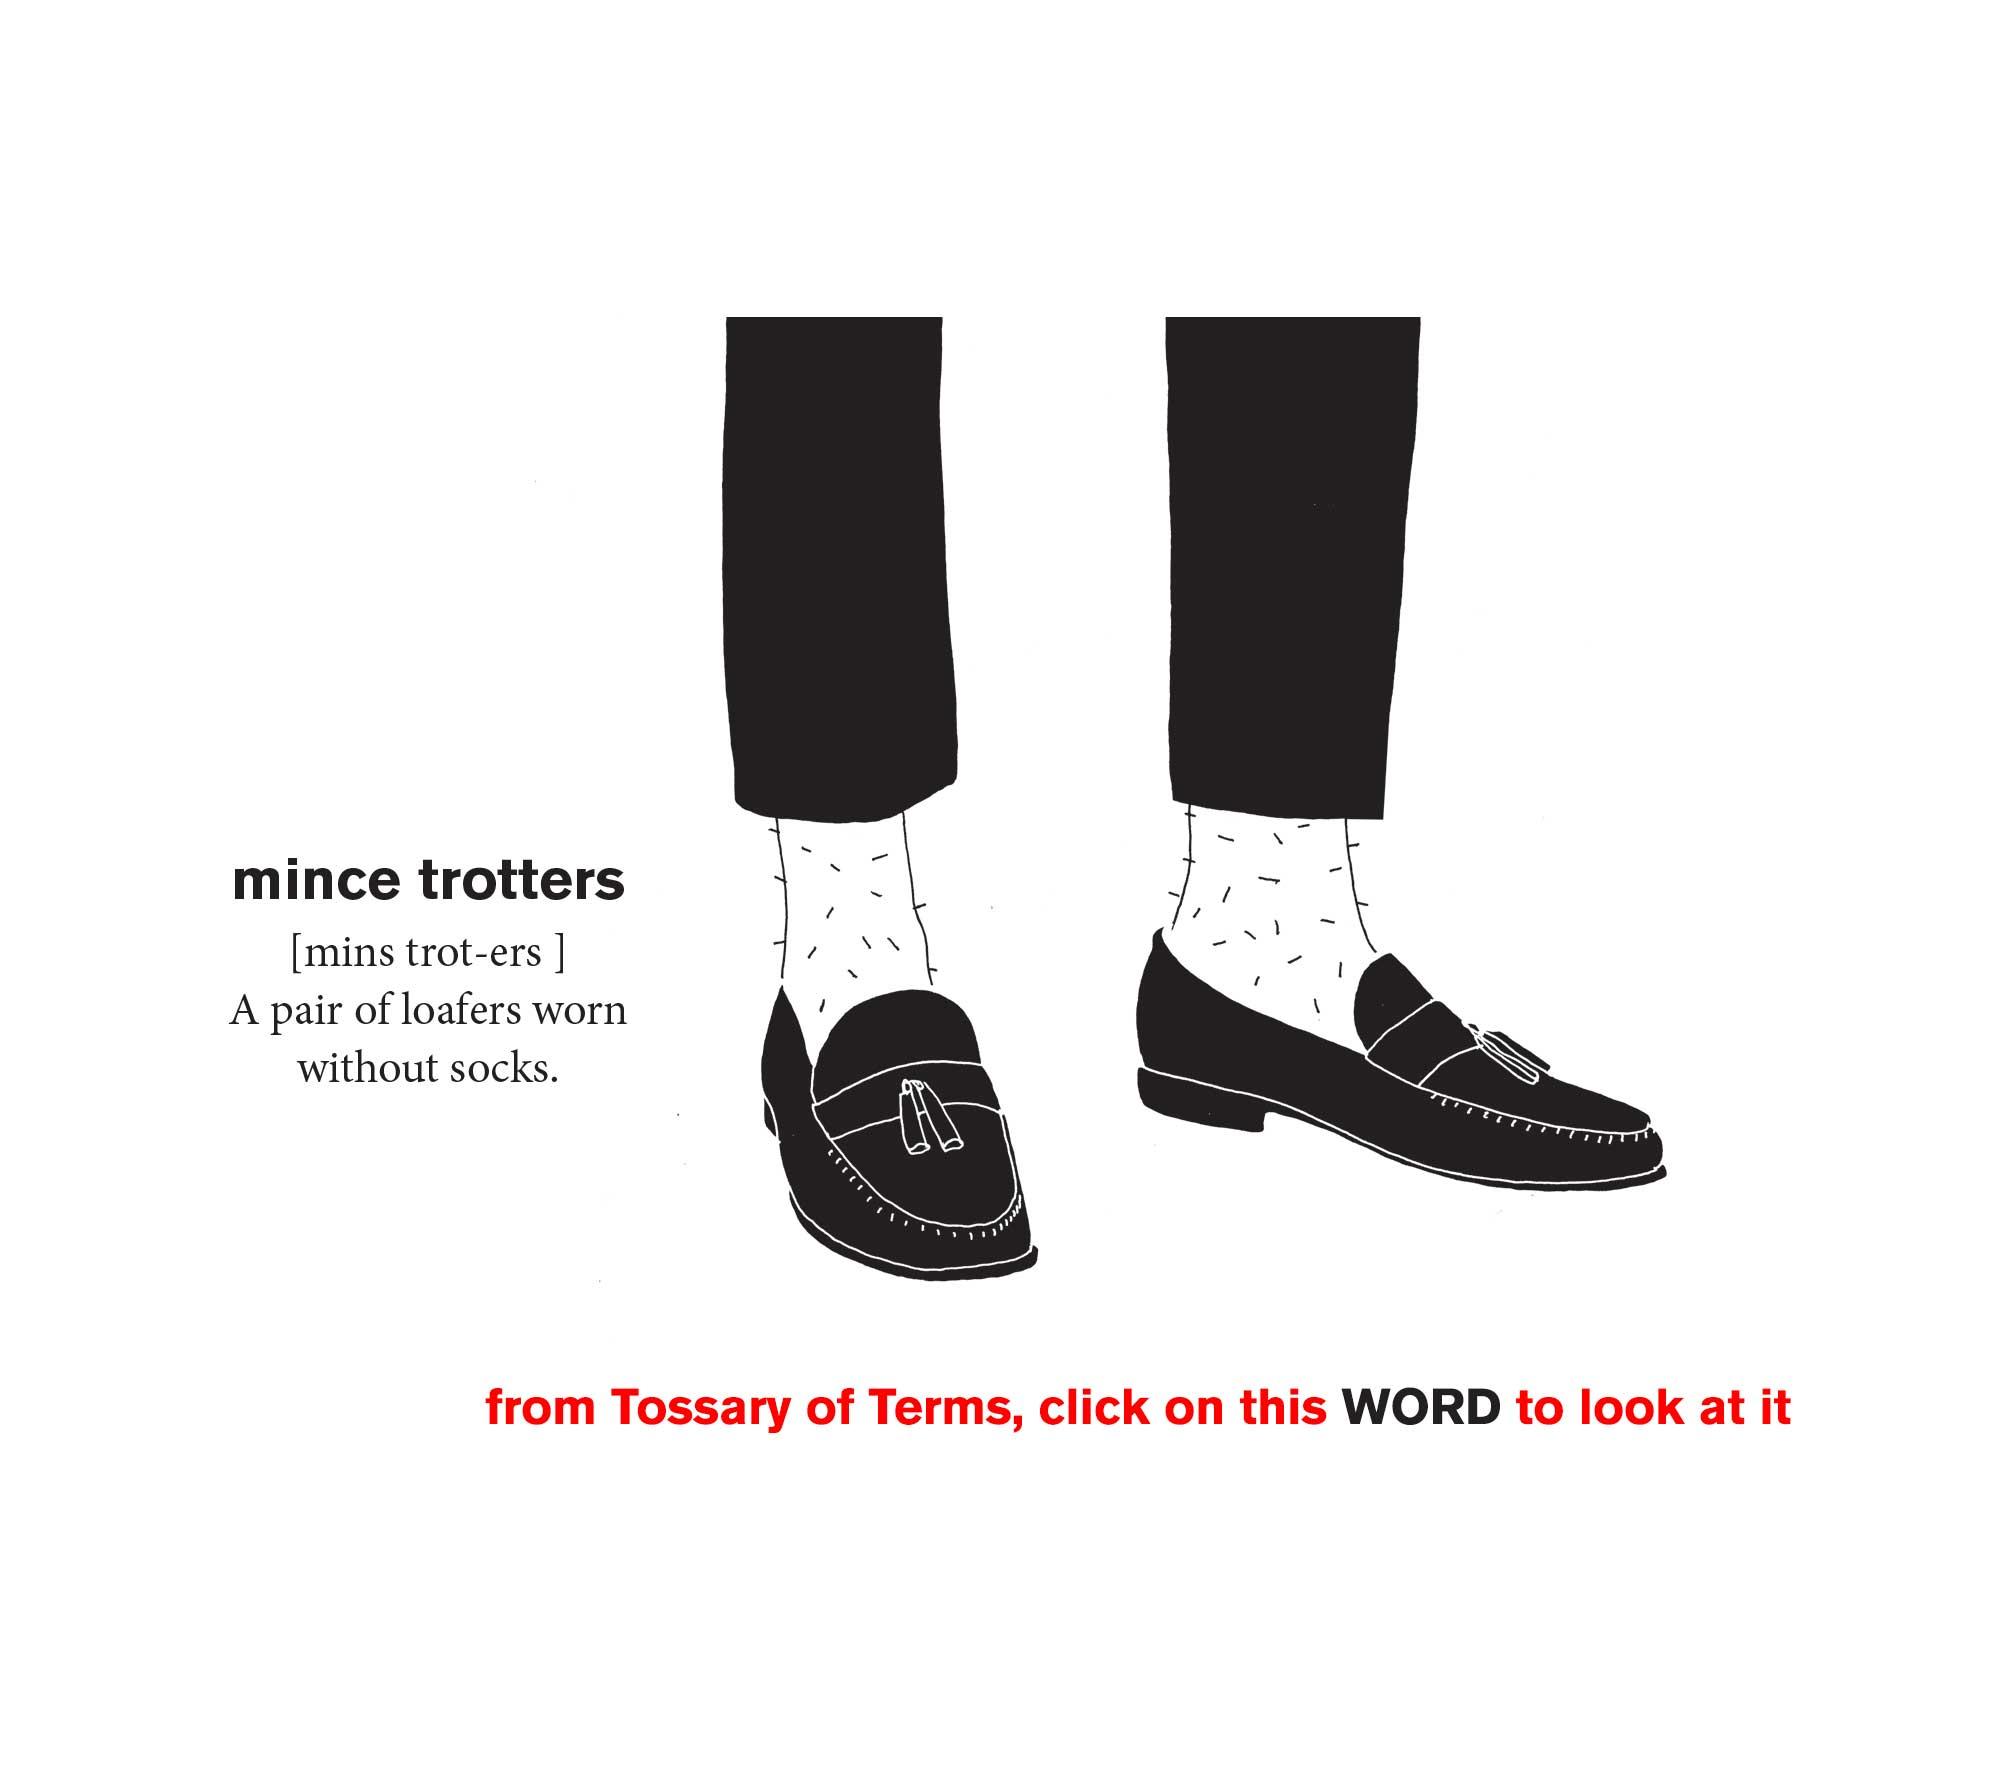 MINCE-TROTTERS.jpg